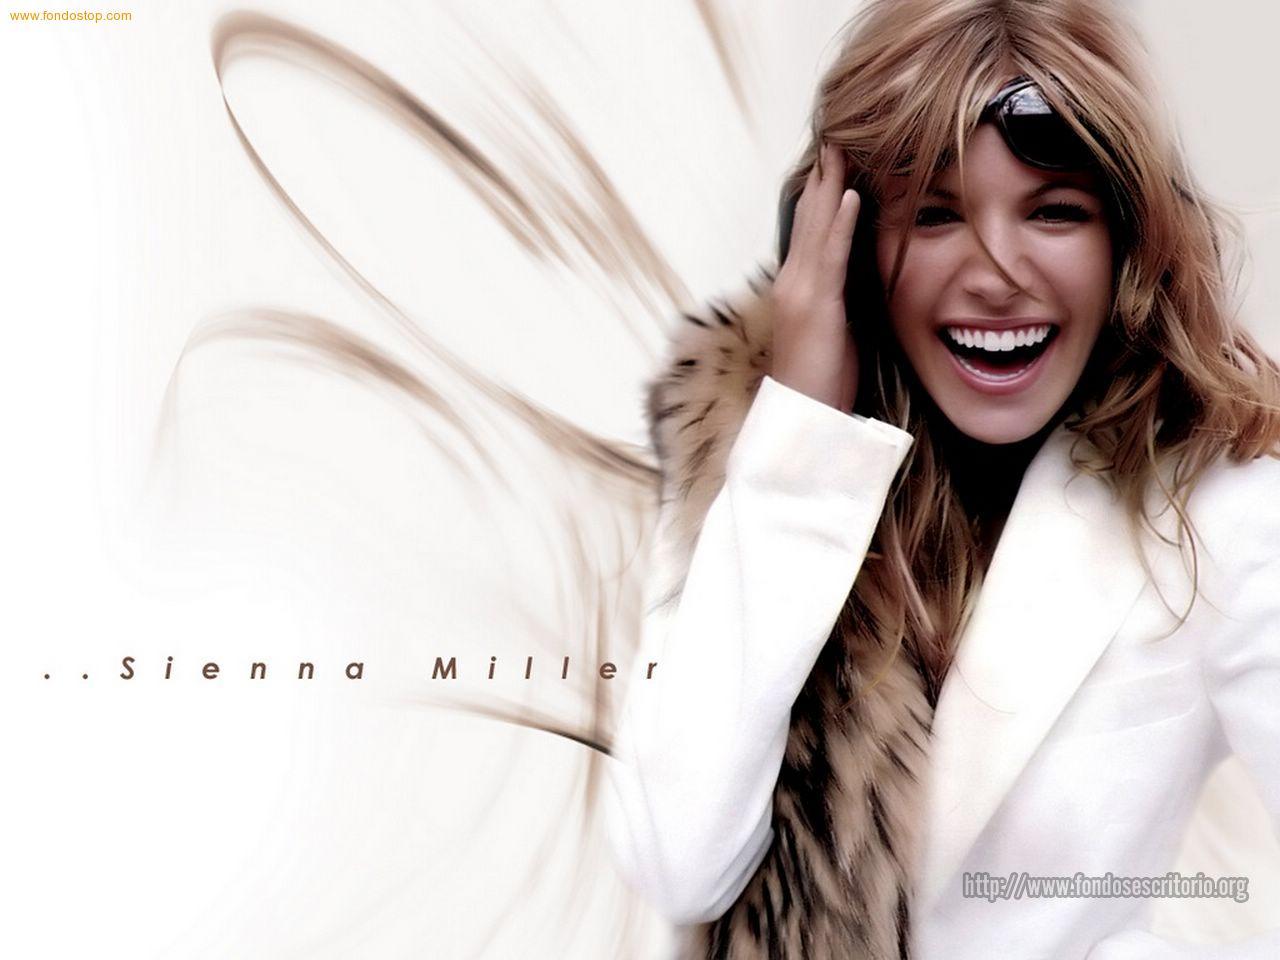 http://3.bp.blogspot.com/-1Vsepllzj50/ThvOBhcmrXI/AAAAAAAAC-w/NOGZb9DJuCk/s1600/Sienna-Miller-002-1.jpeg